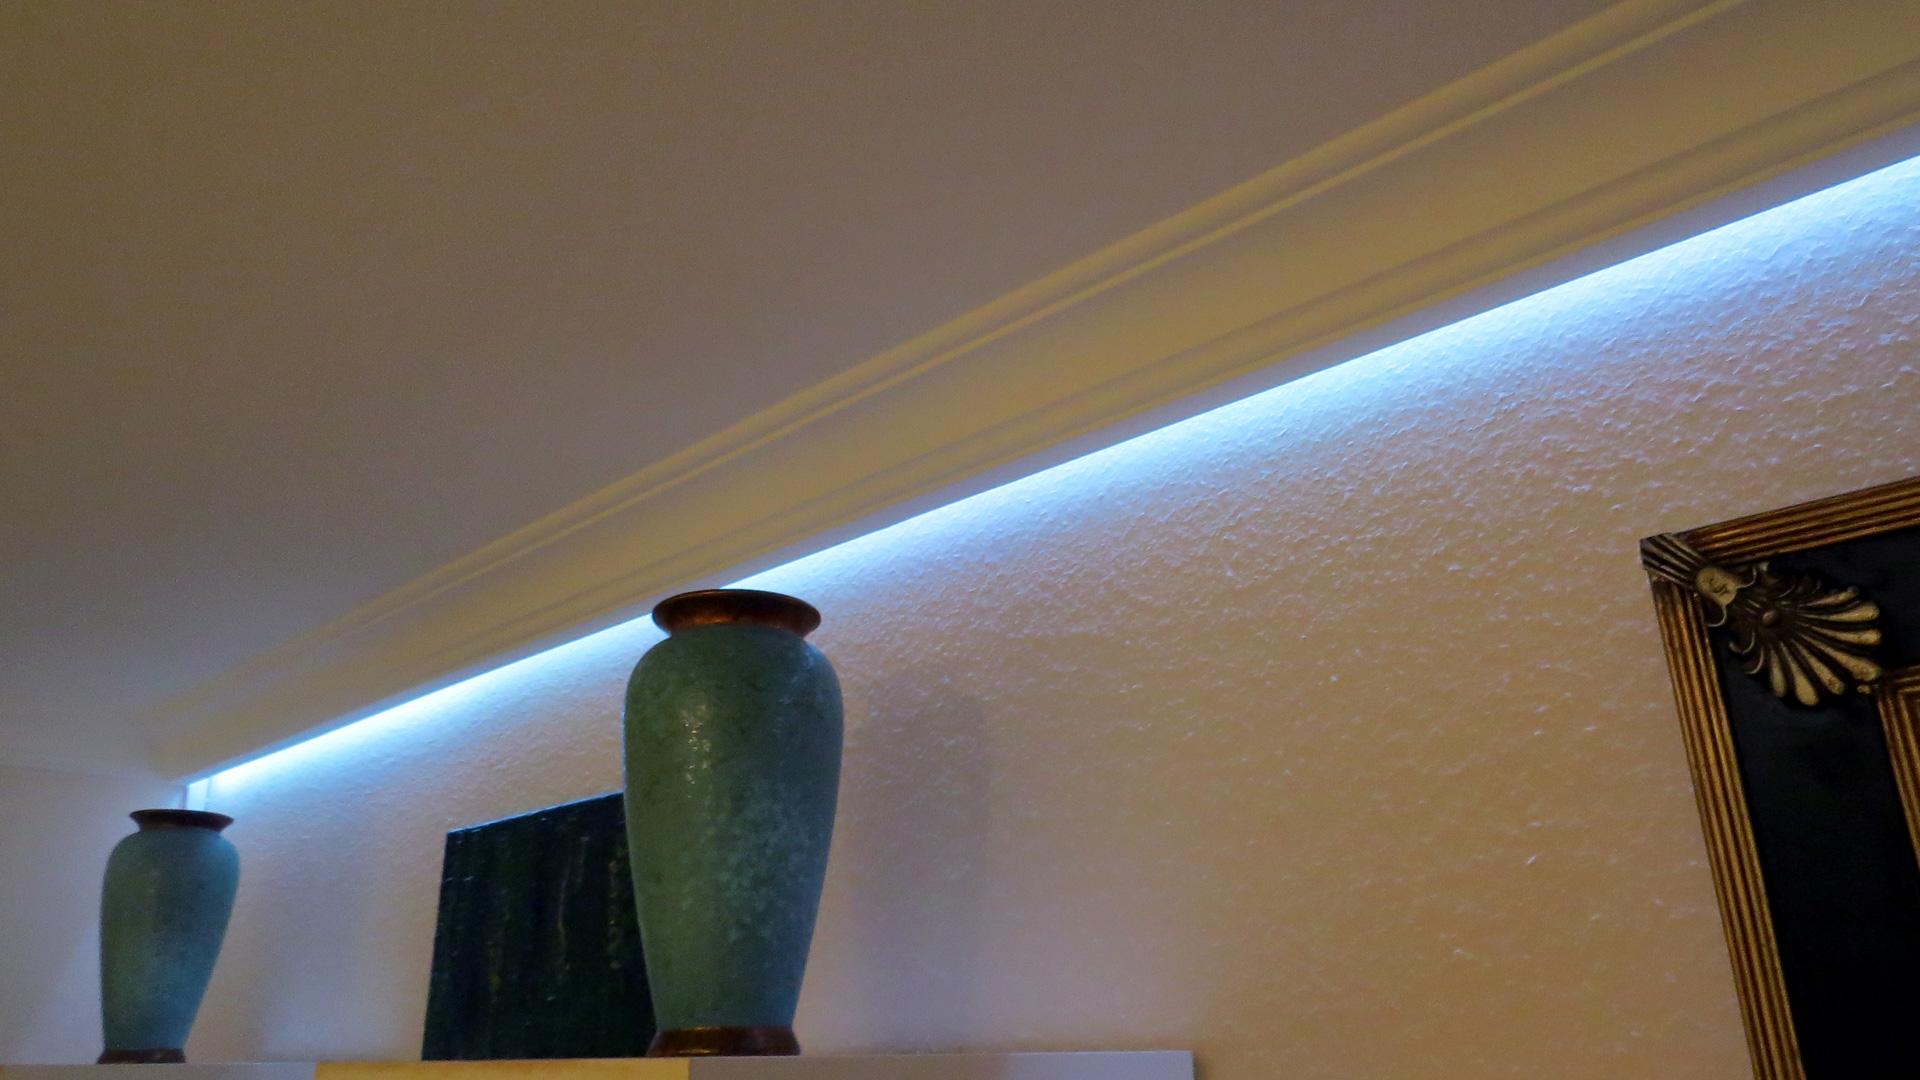 Indirekte deckenbeleuchtung mit led stuckleisten und lichtvouten - Indirekte wandbeleuchtung ...